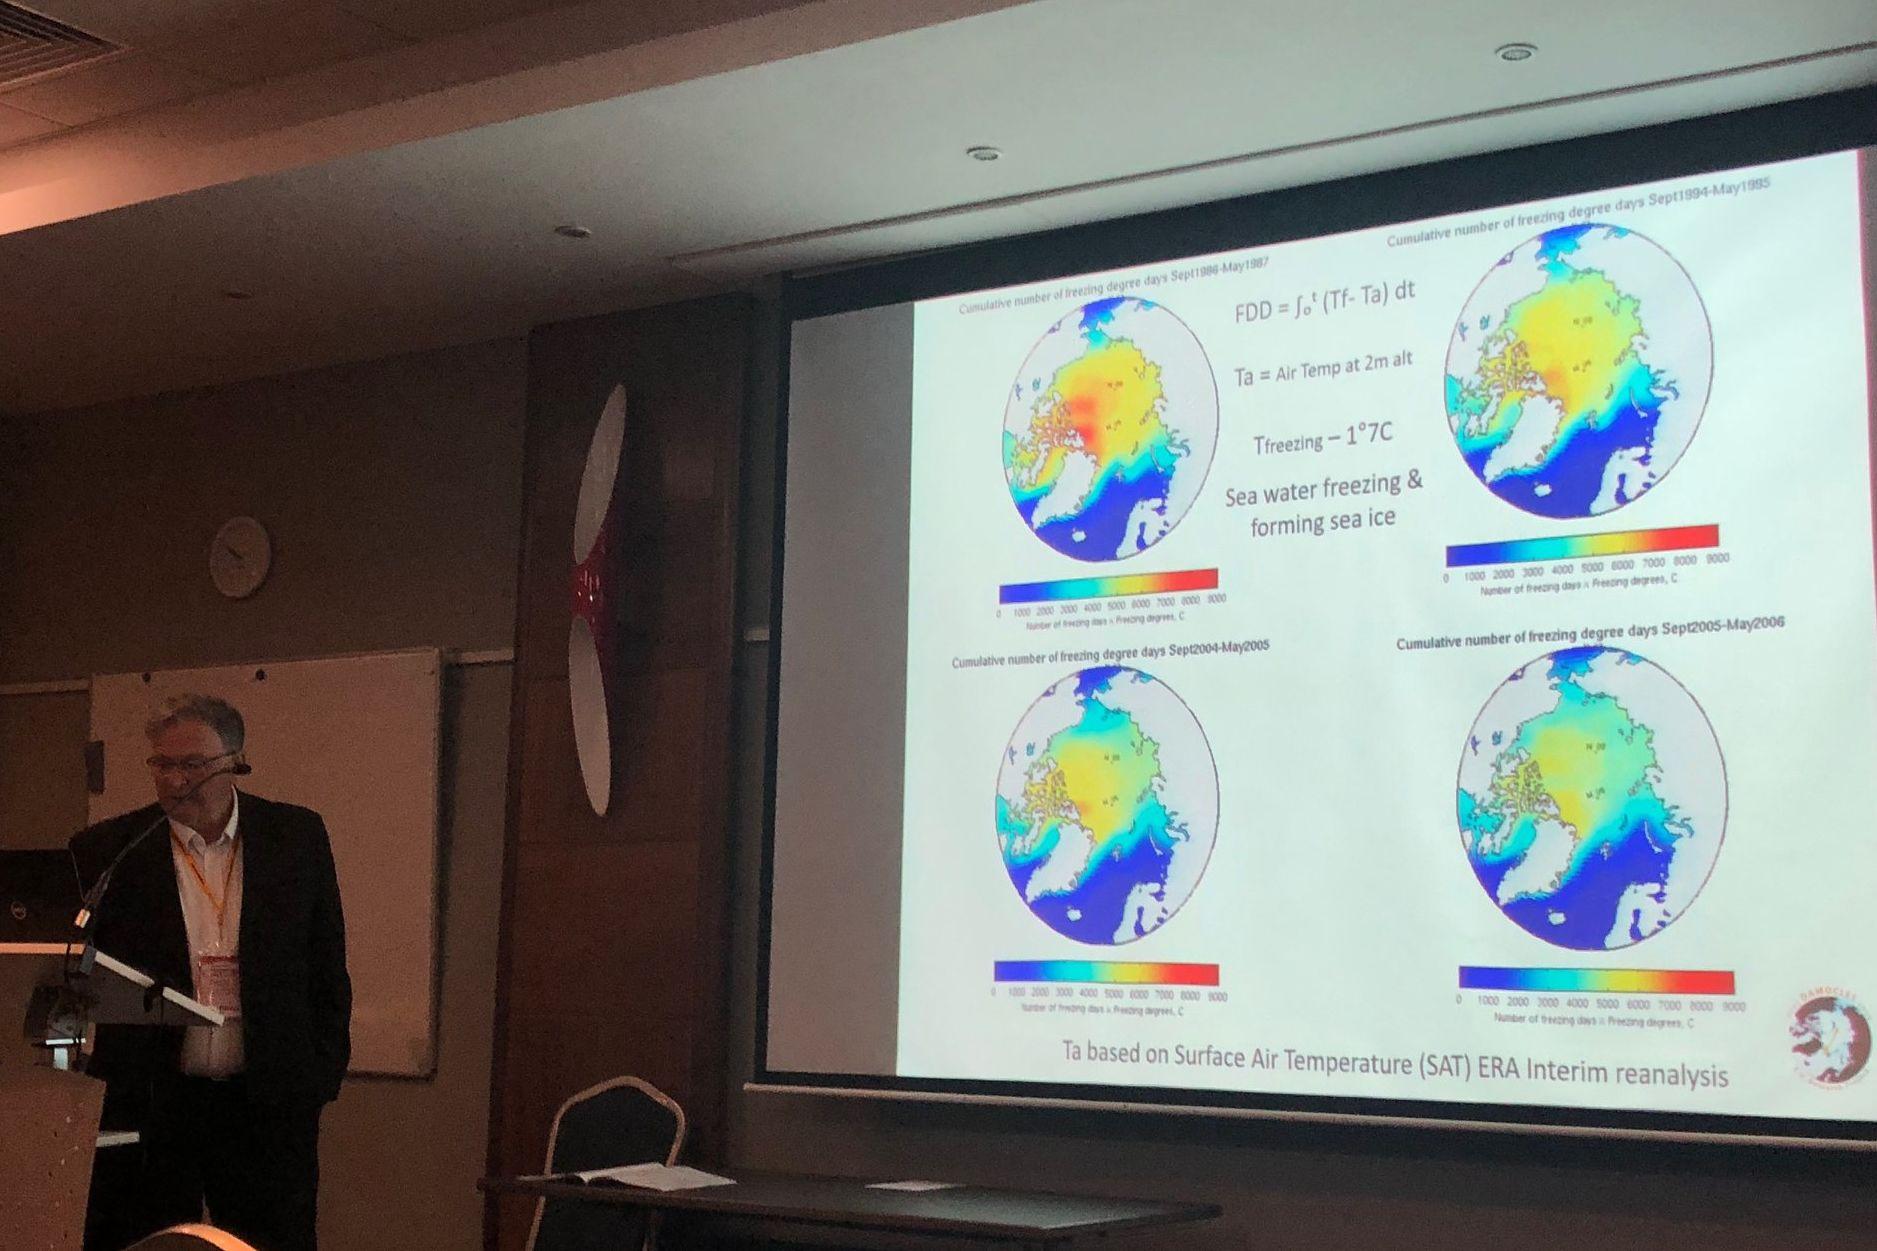 Dr. Gascard's Präsentation über den Rückgang von arktischen Meereis